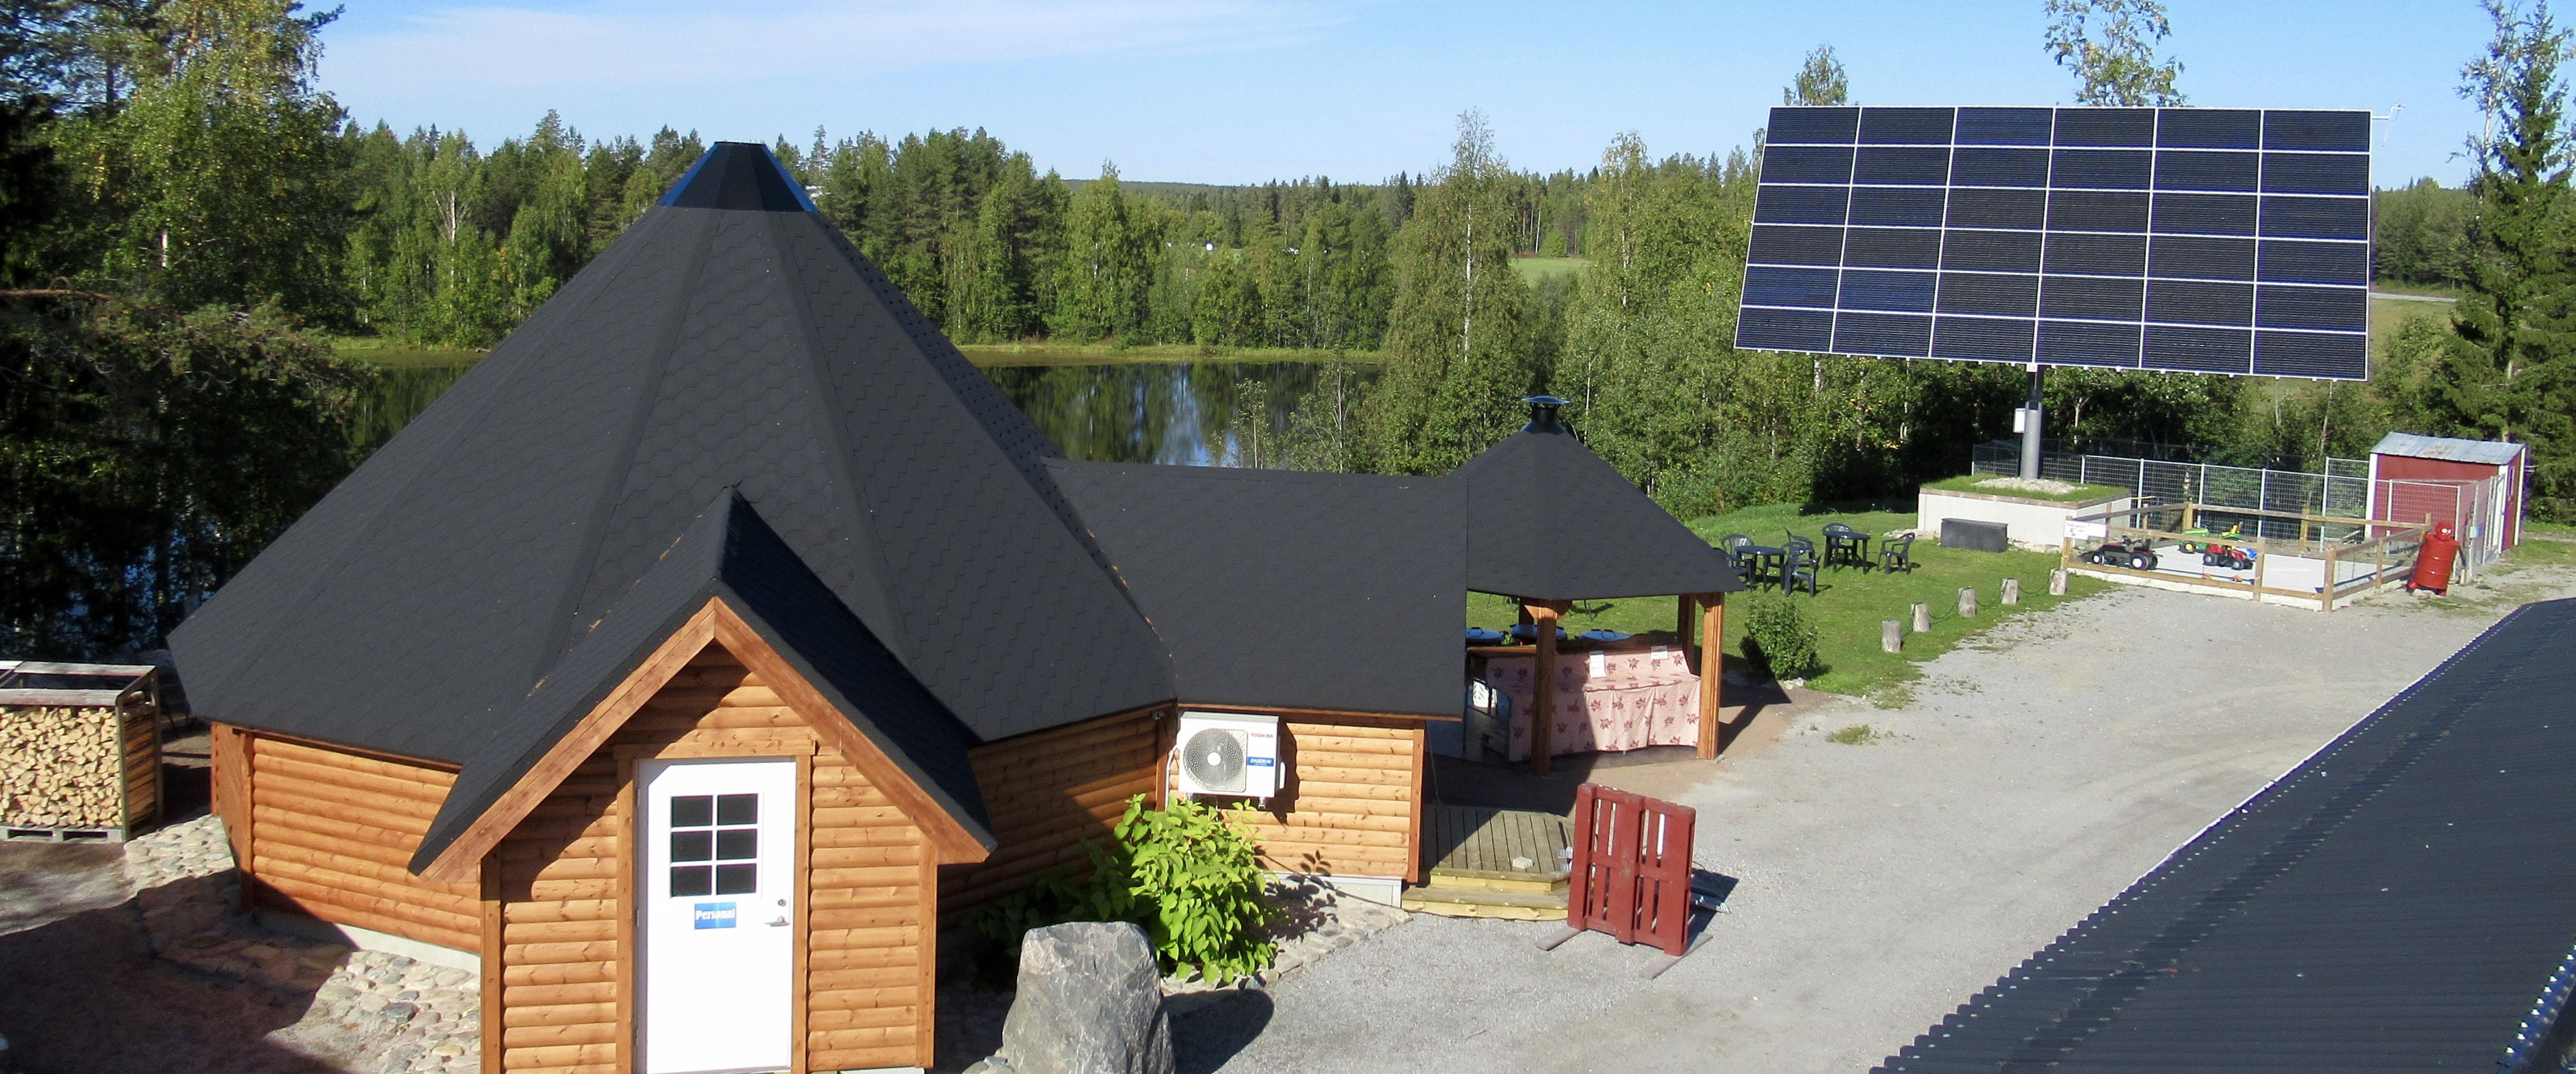 Grillstugan och solceller